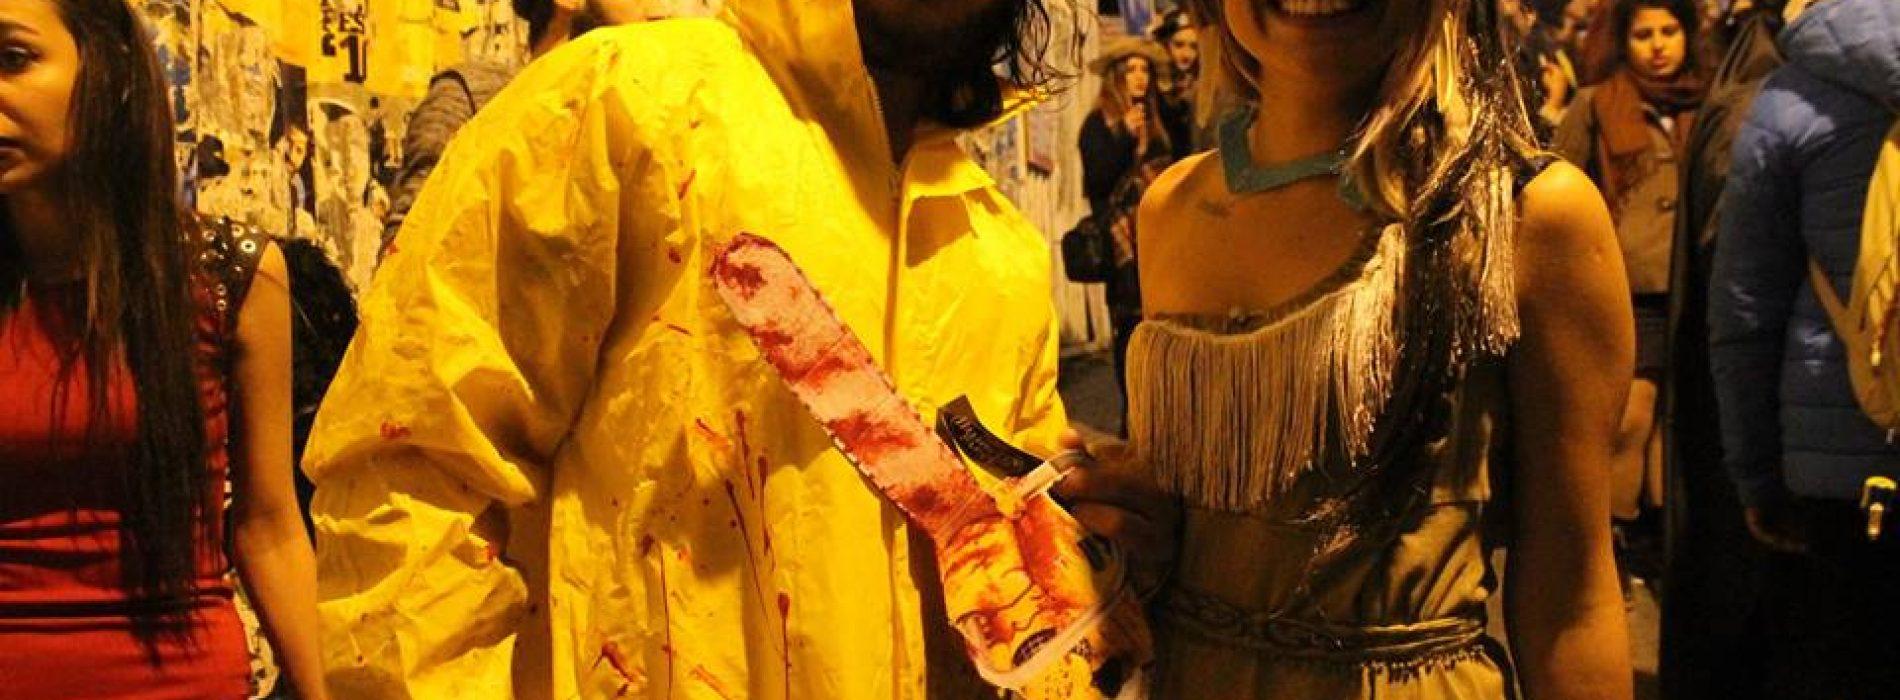 HalloweenRail Tanışma Partisi Tamamlandı